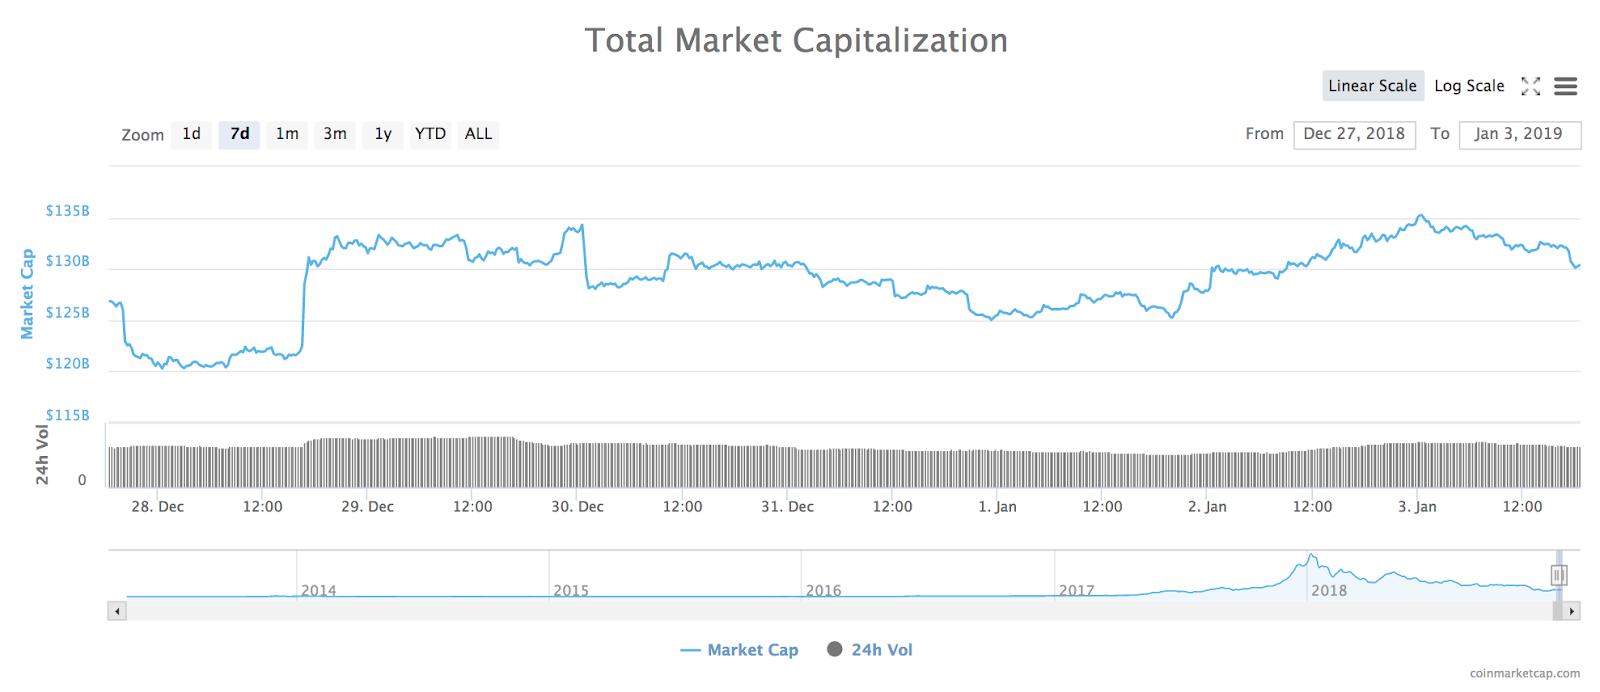 7-Tage-Chart der Gesamtmarktkapitalisierung aller Kryptowährungen. Quelle: Coinmarketcap